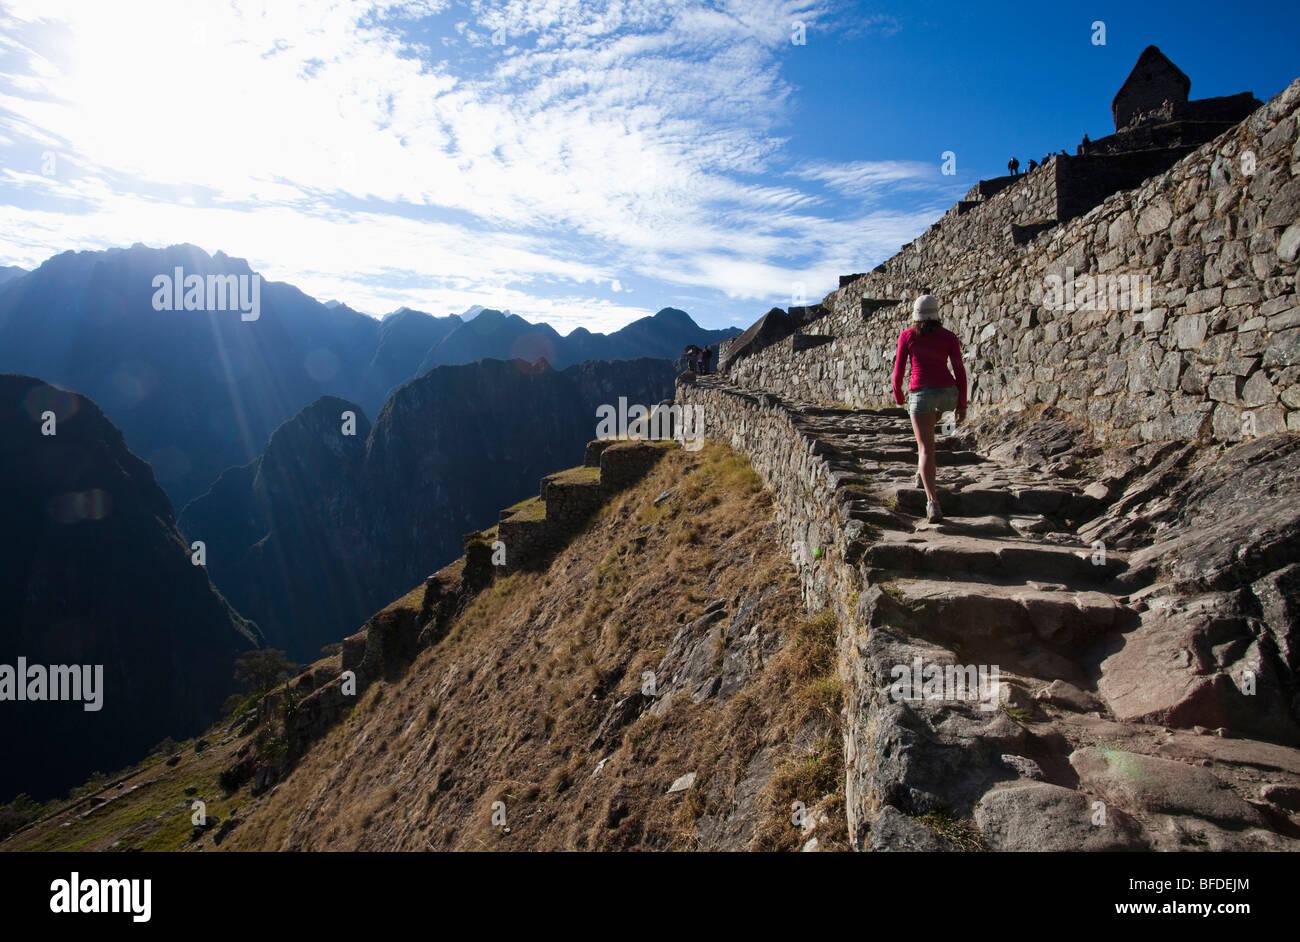 Un adolescent se présente un vieil escalier donnant sur une vallée escarpée qu'elle visite le Photo Stock